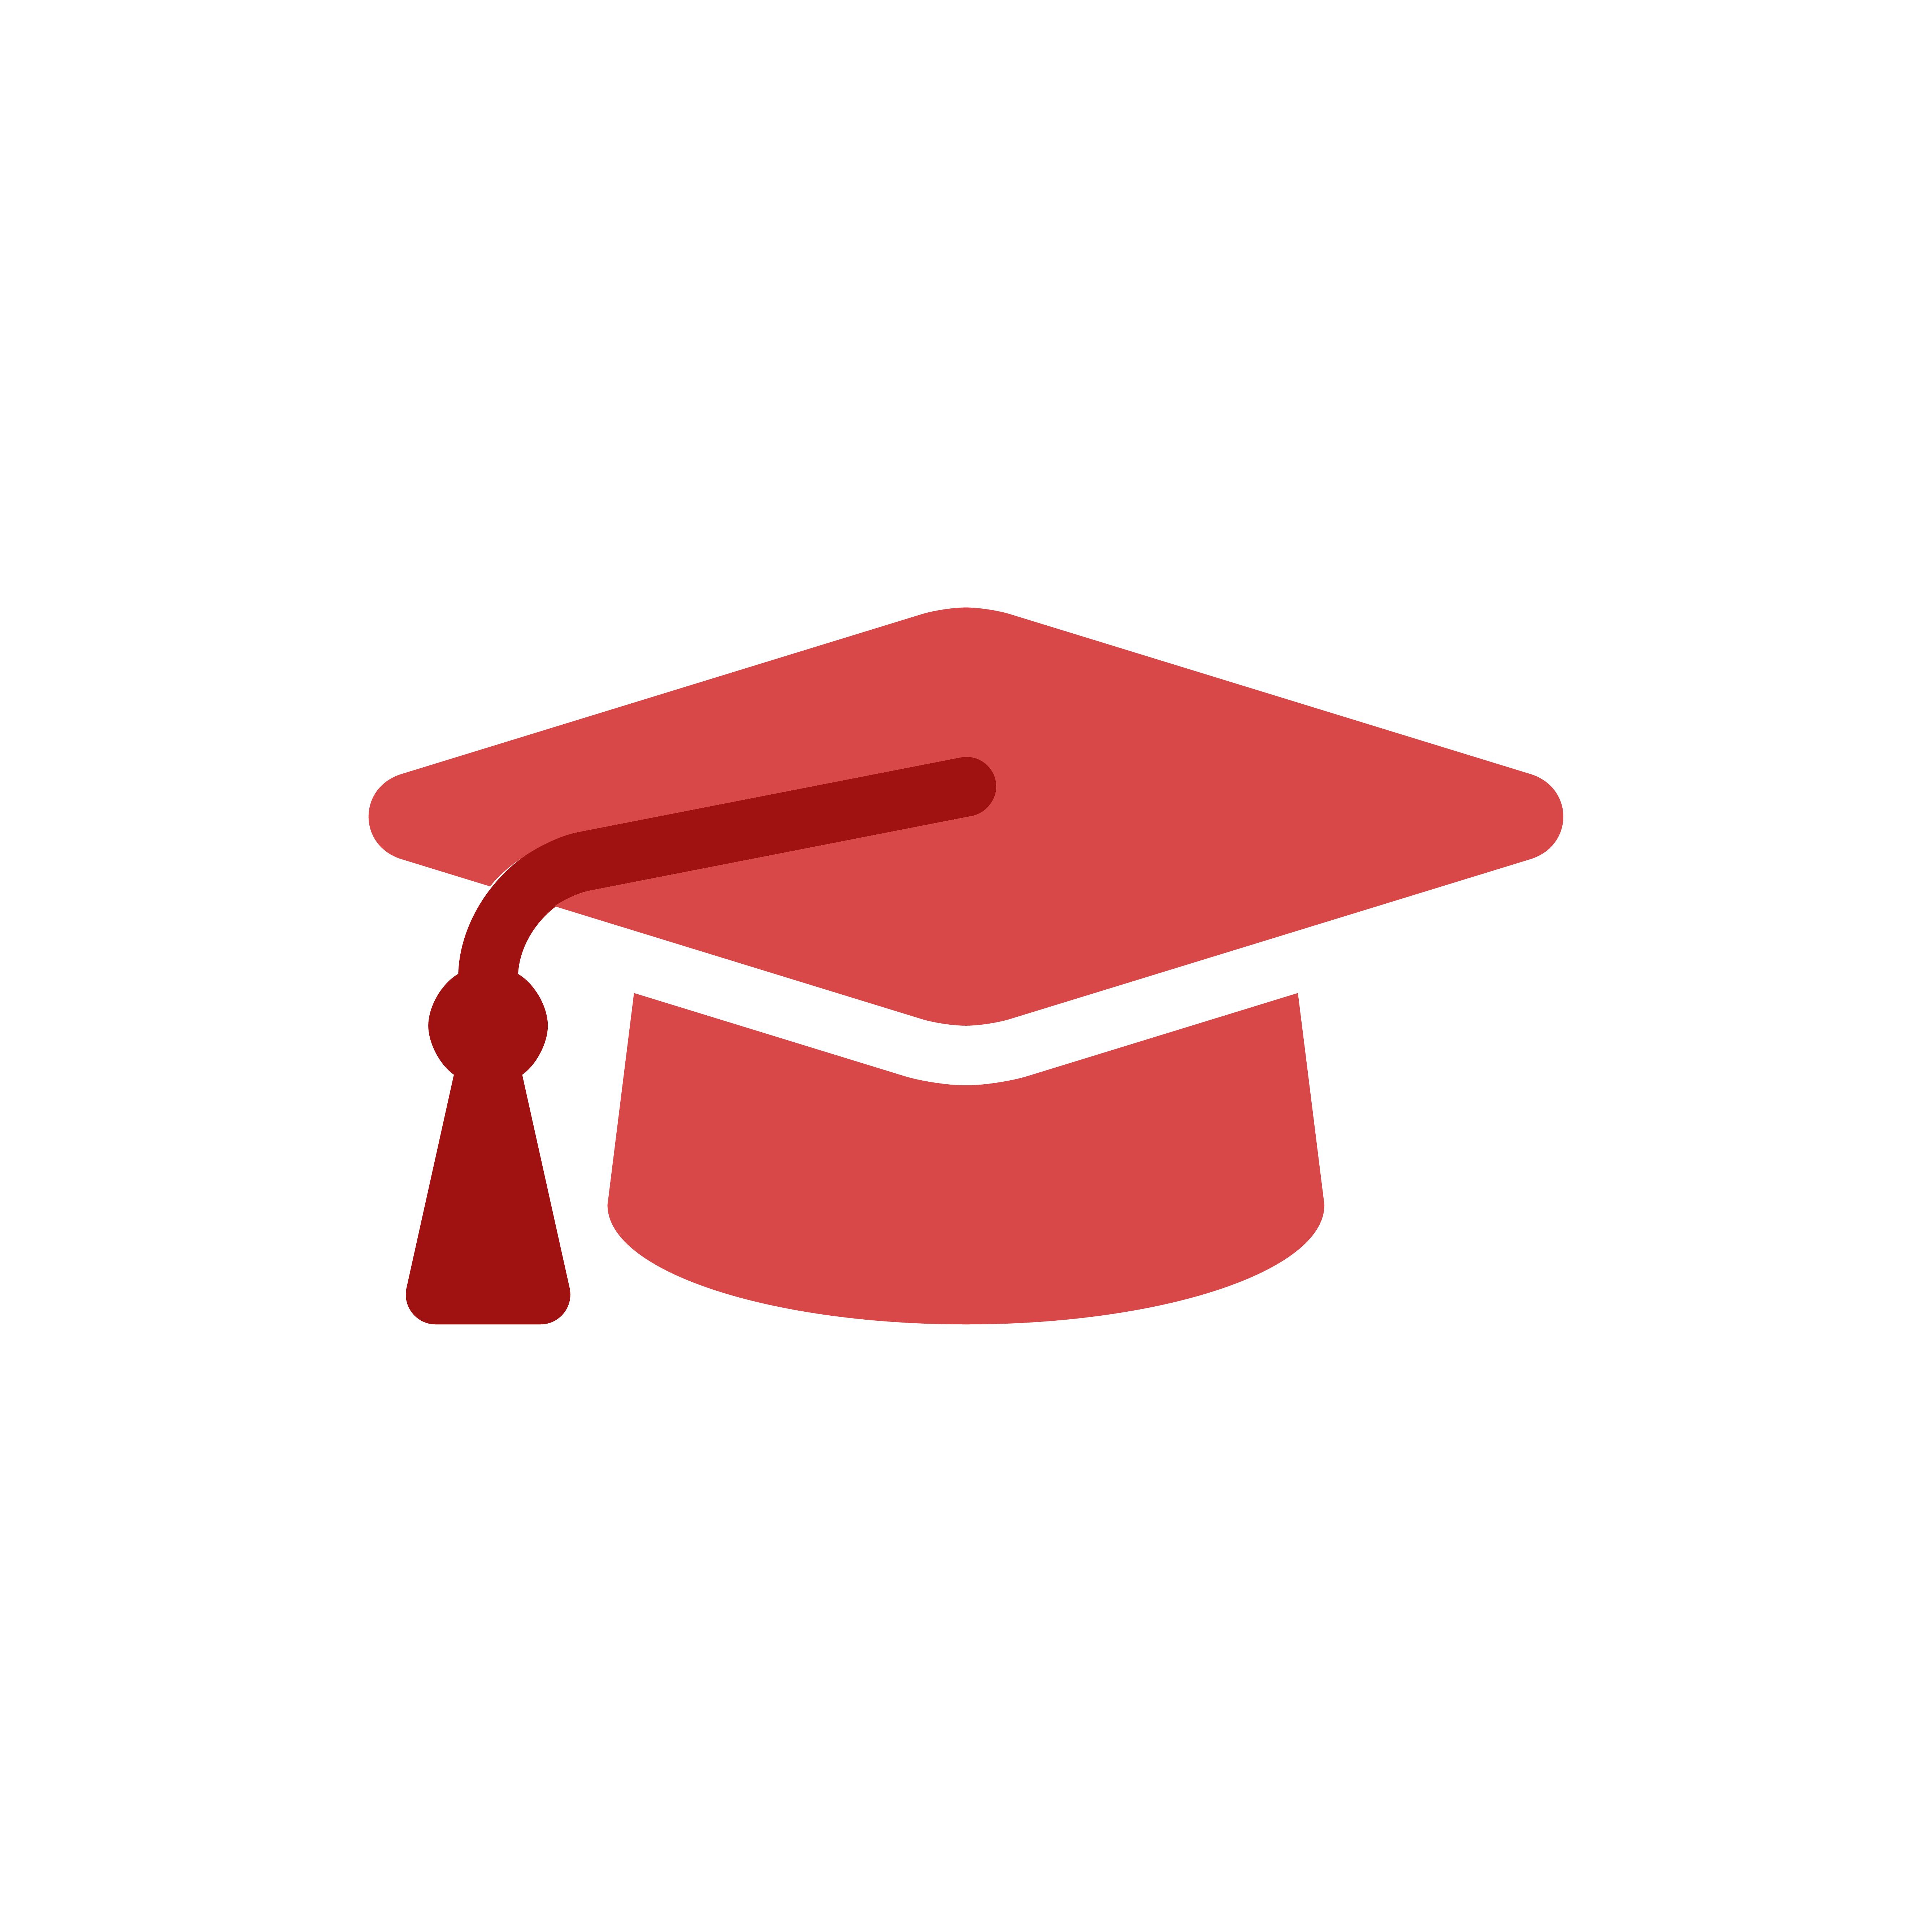 Servizi educativi privati autorizzati e accreditati